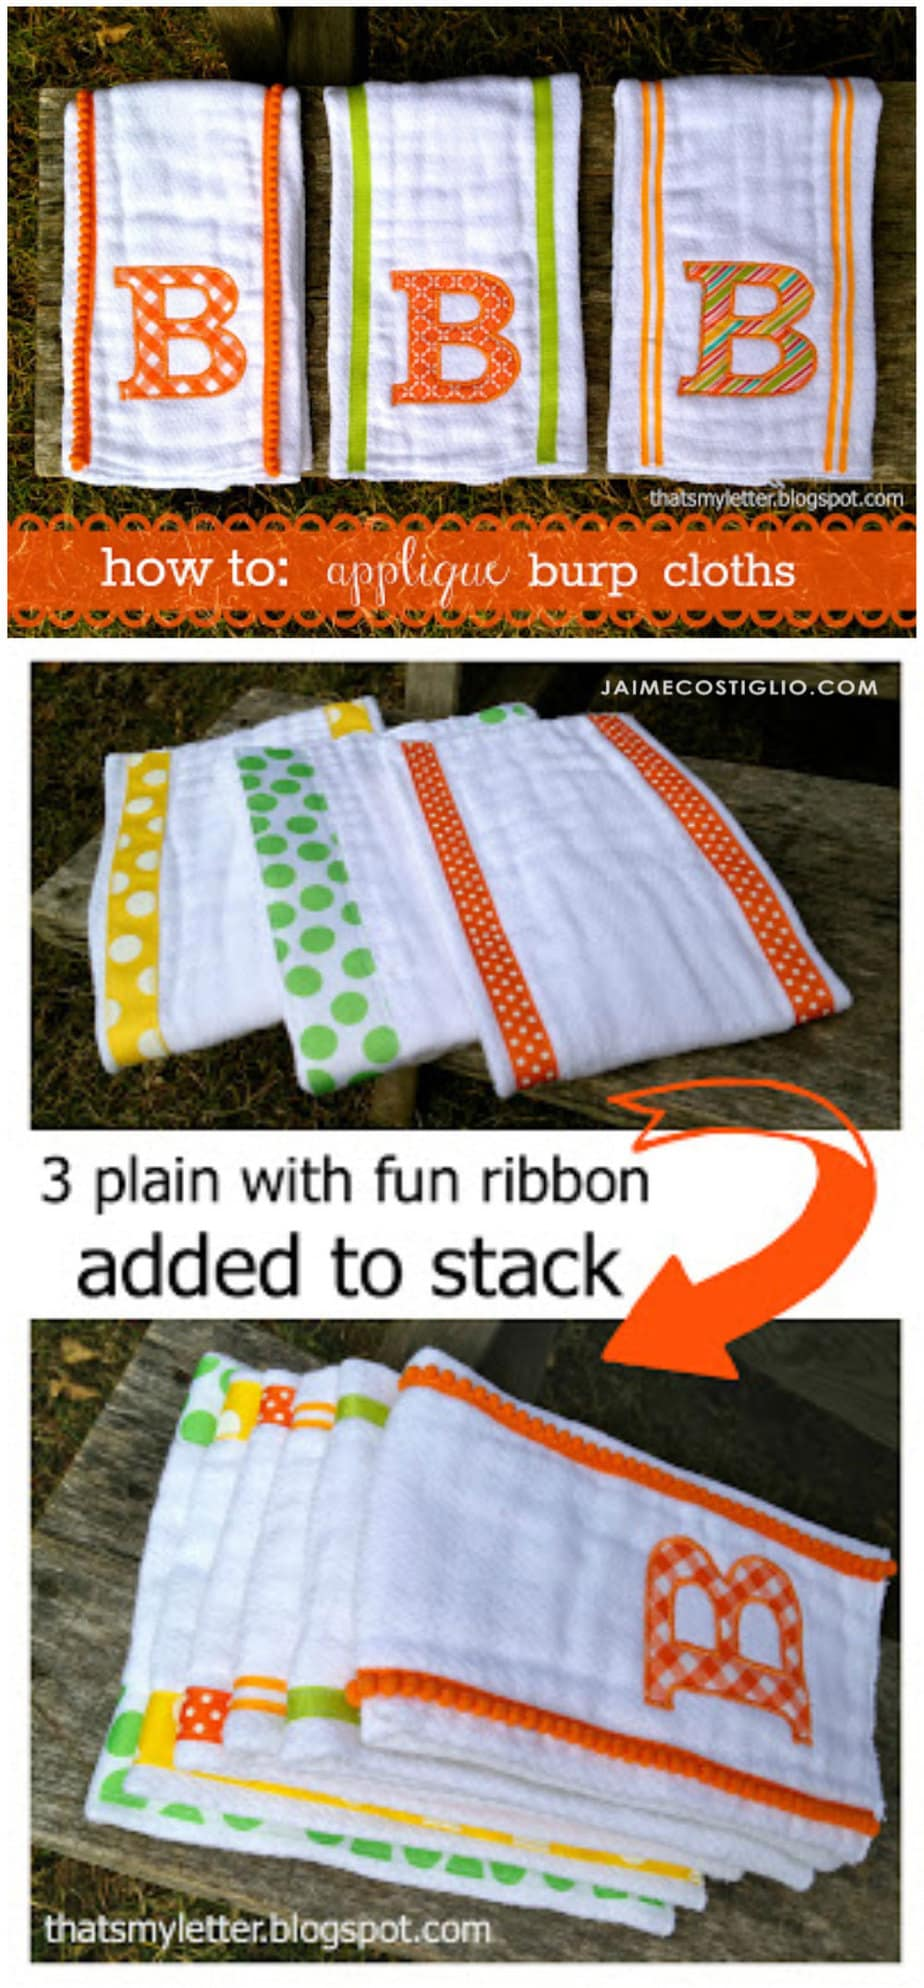 how to applique burp cloths